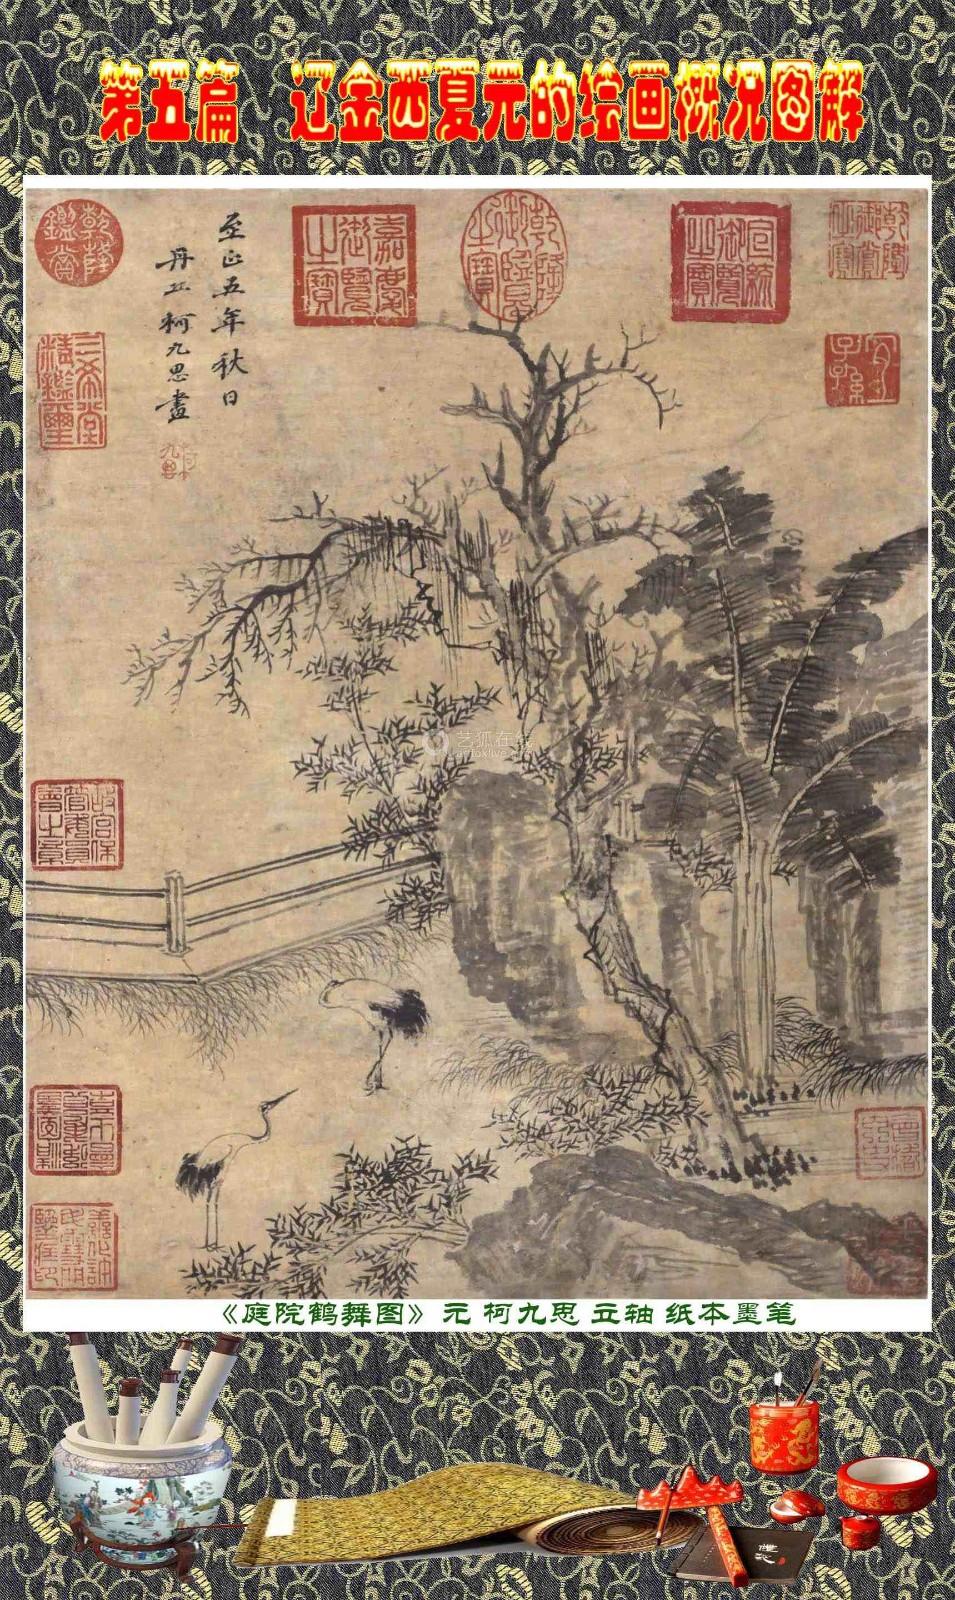 顾绍骅编辑 中国画知识普及版 第五篇 辽金西夏元的绘画概况 下 ... ..._图1-6